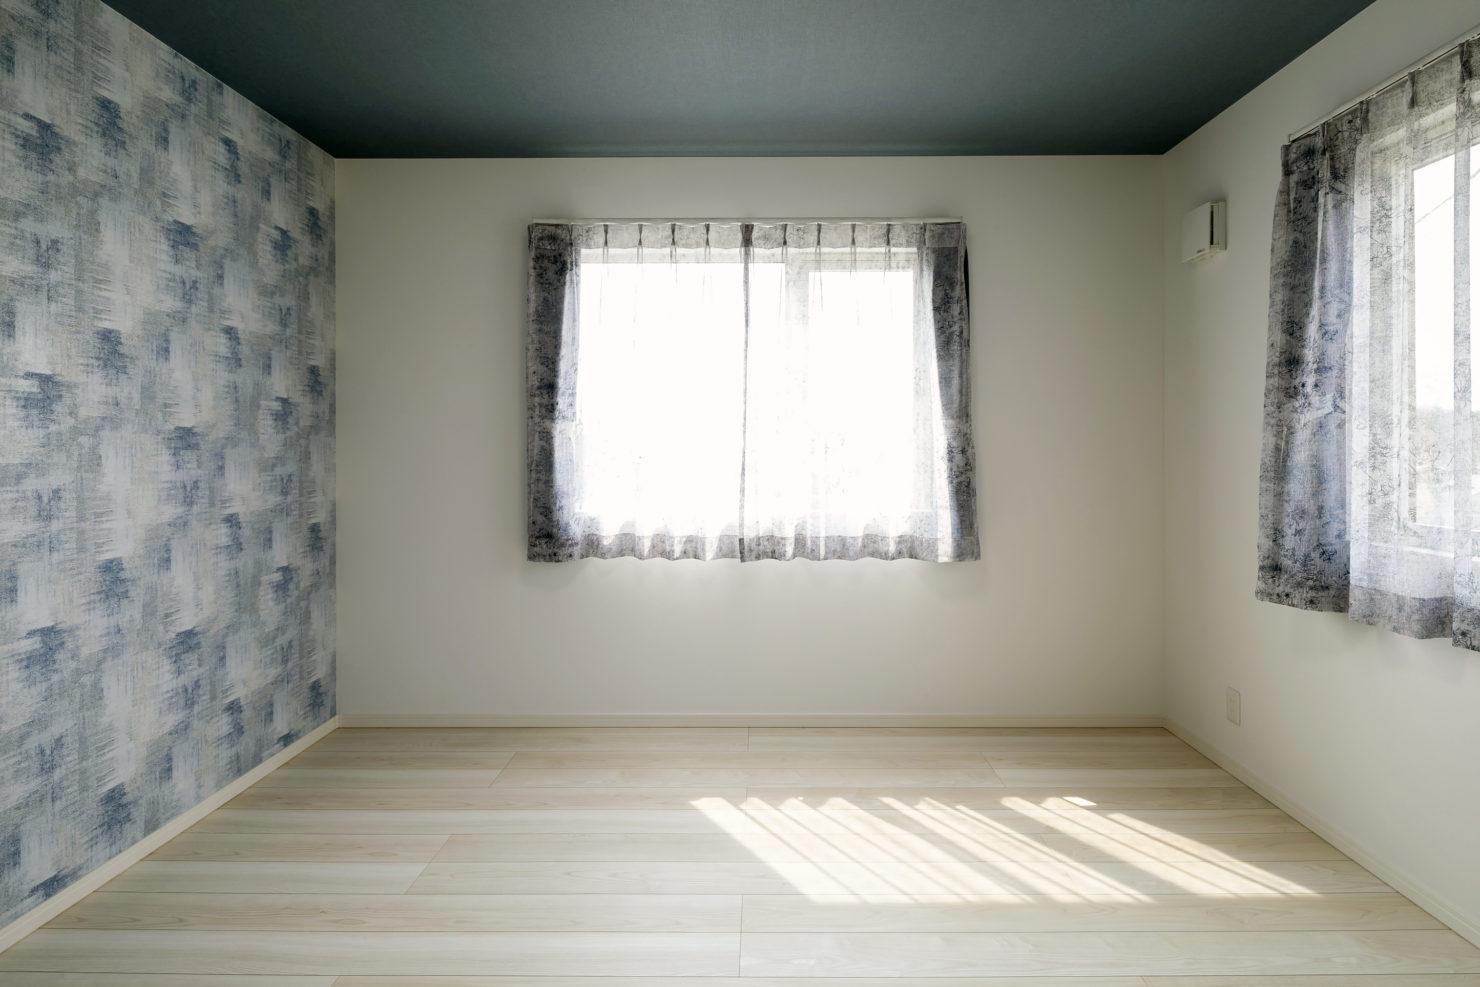 ハウスM21 盛岡市黒石野建売住宅 寝室写真